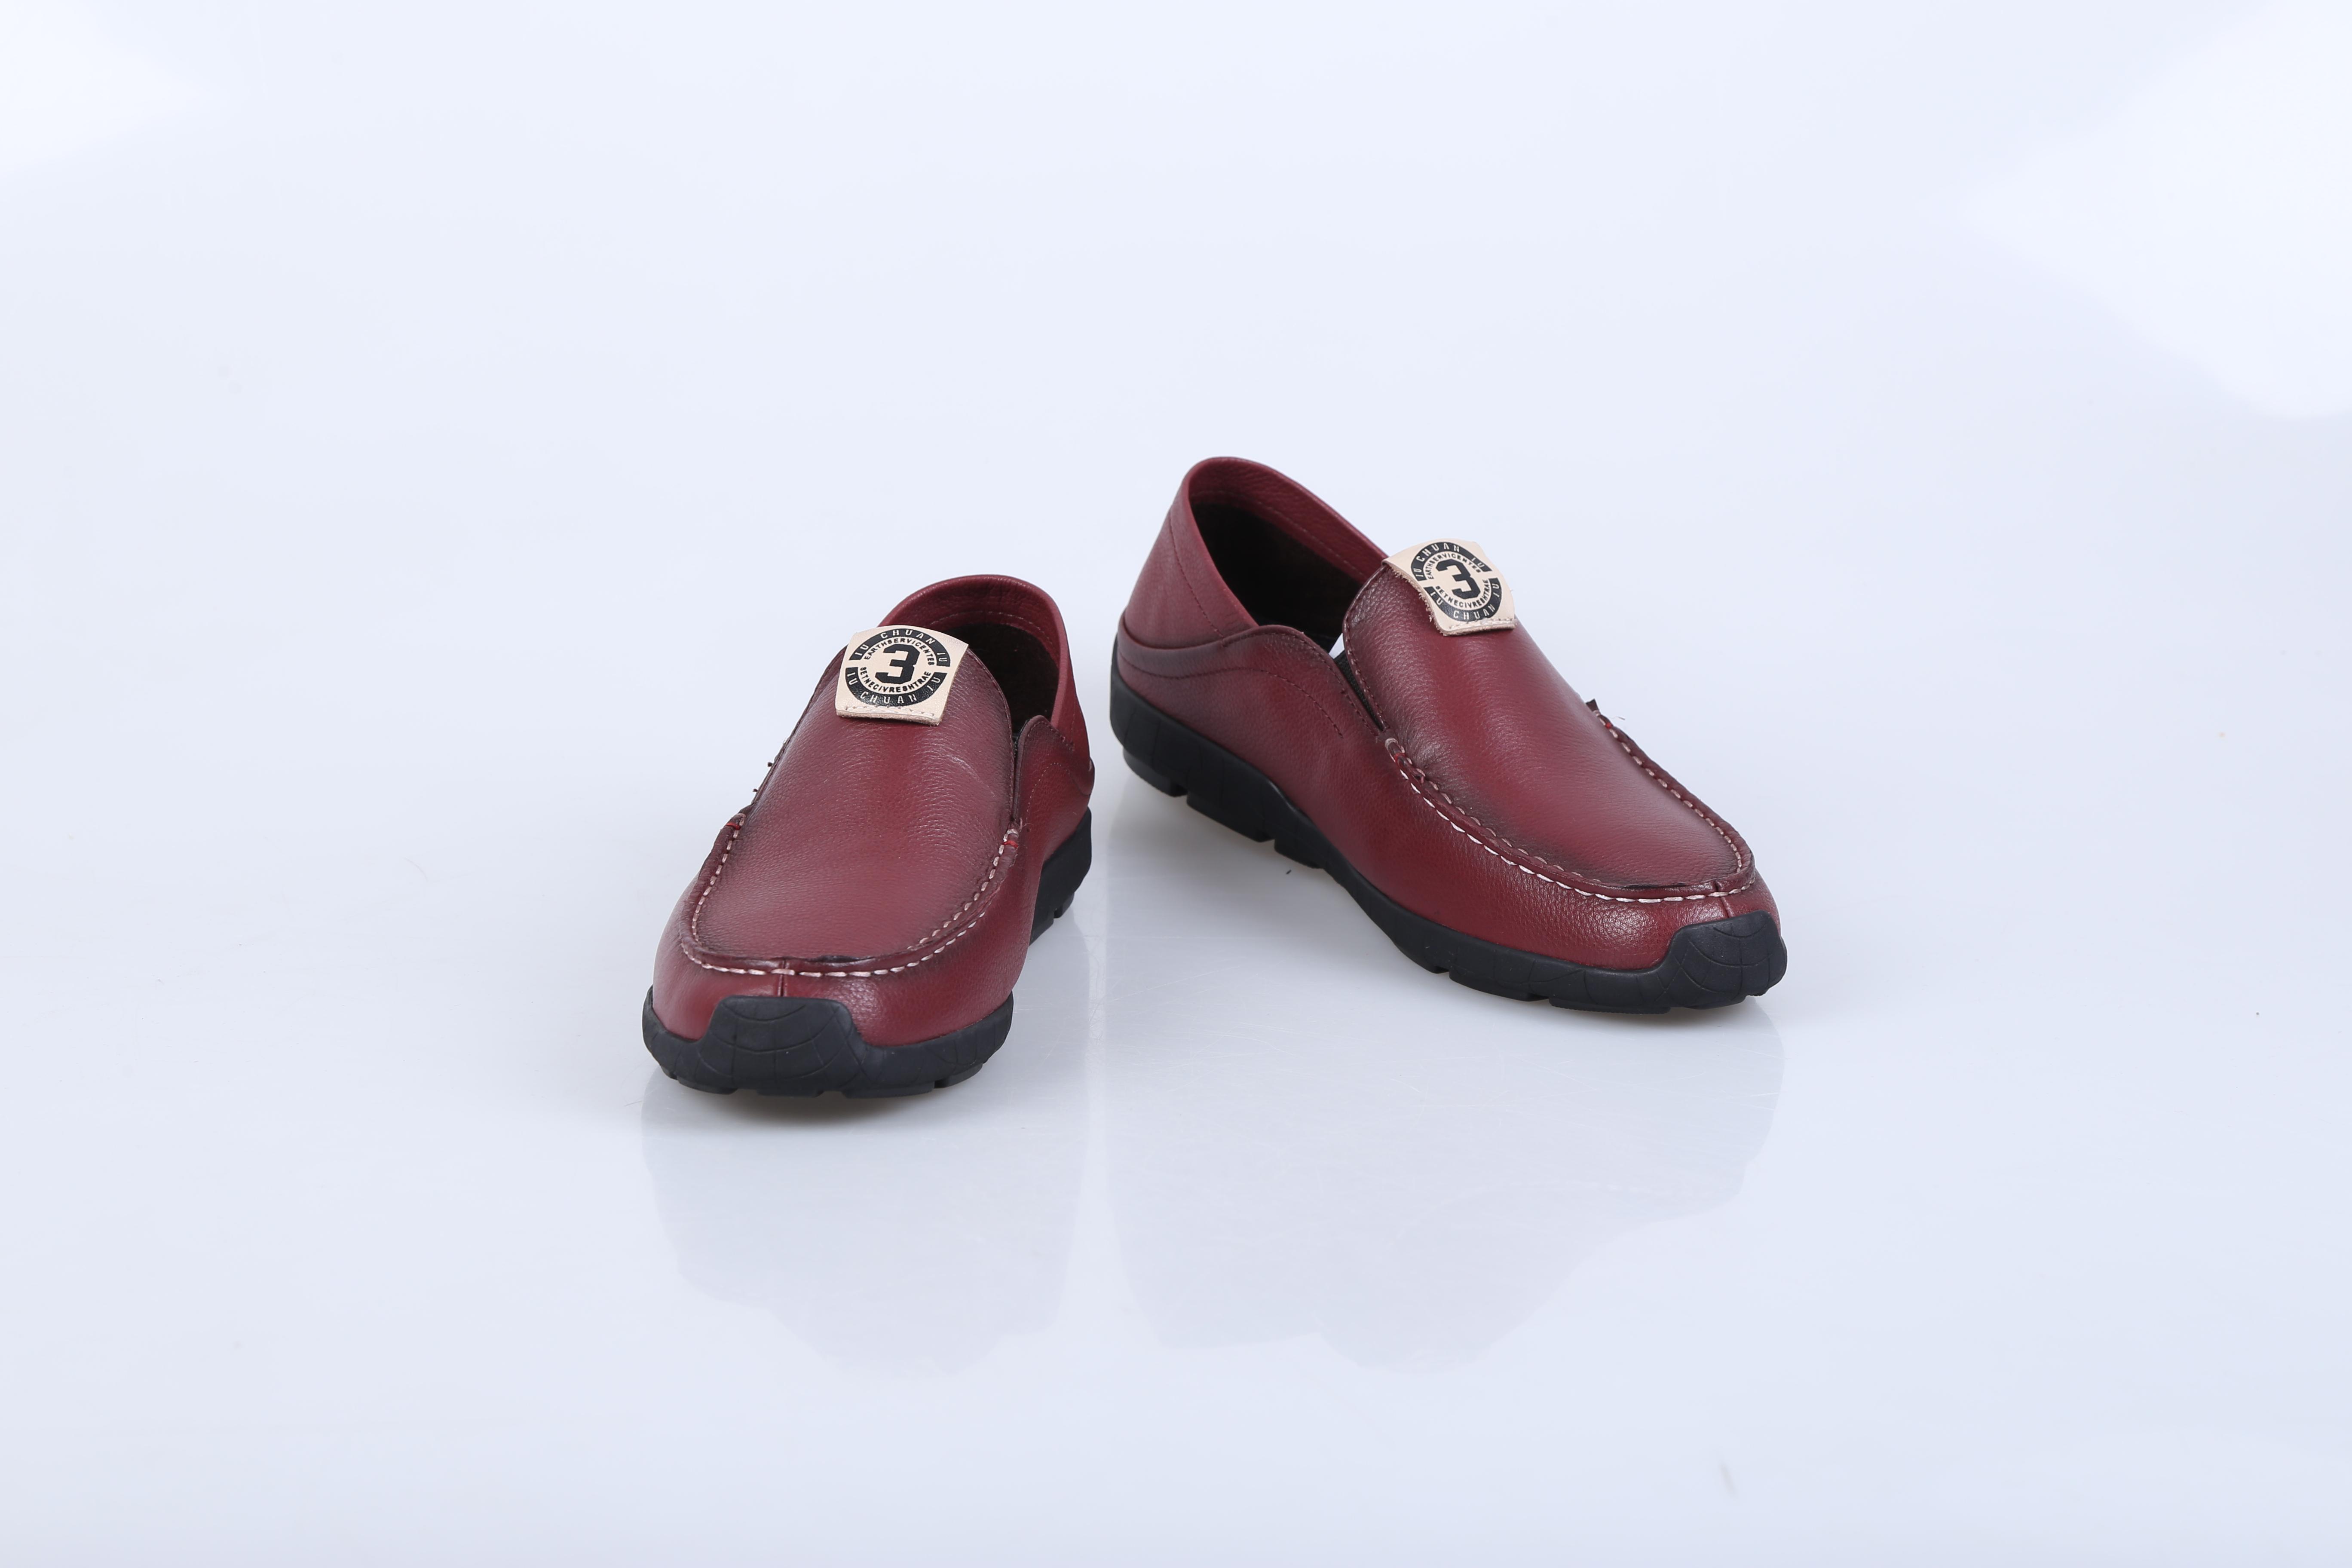 广州男士休闲鞋十大品牌 迪欧摩尼休闲鞋简洁而经典